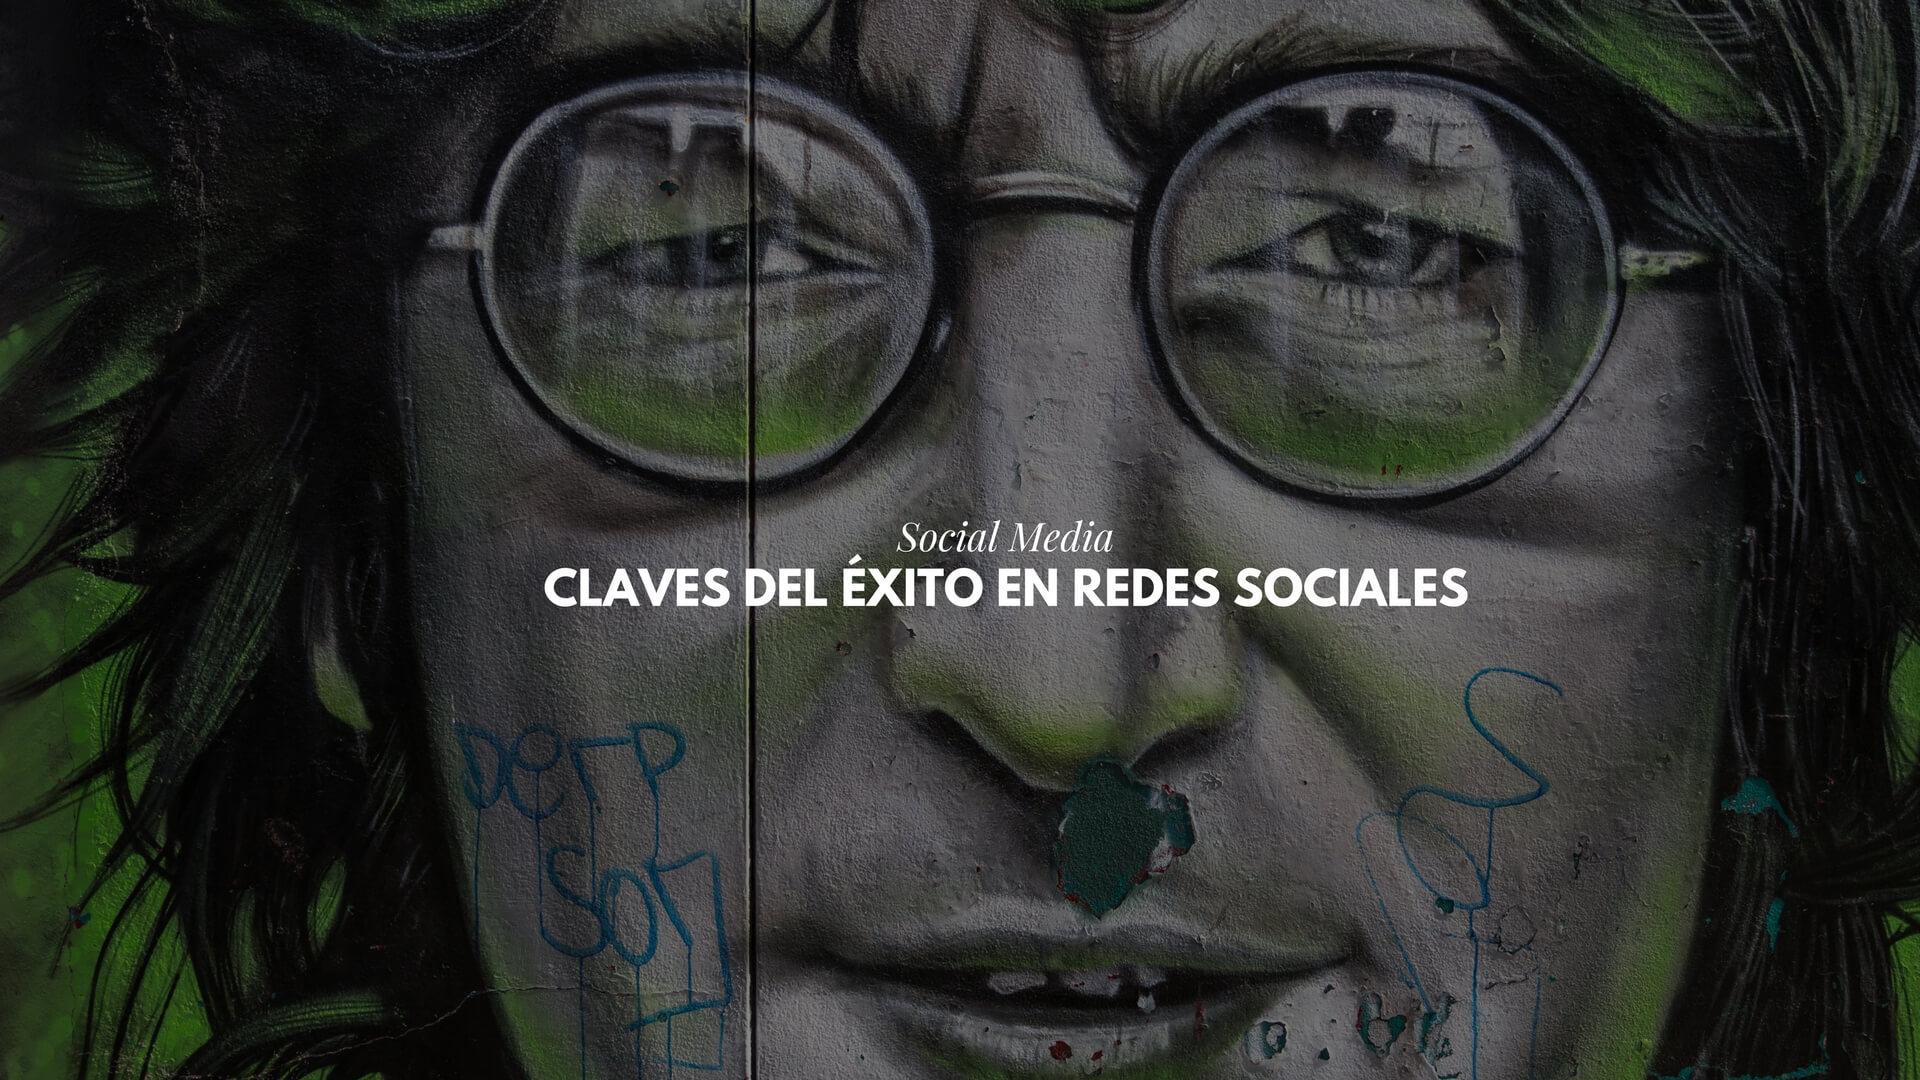 Claves del éxito en Redes Sociales : ser tu mismo y otros consejos Social Media